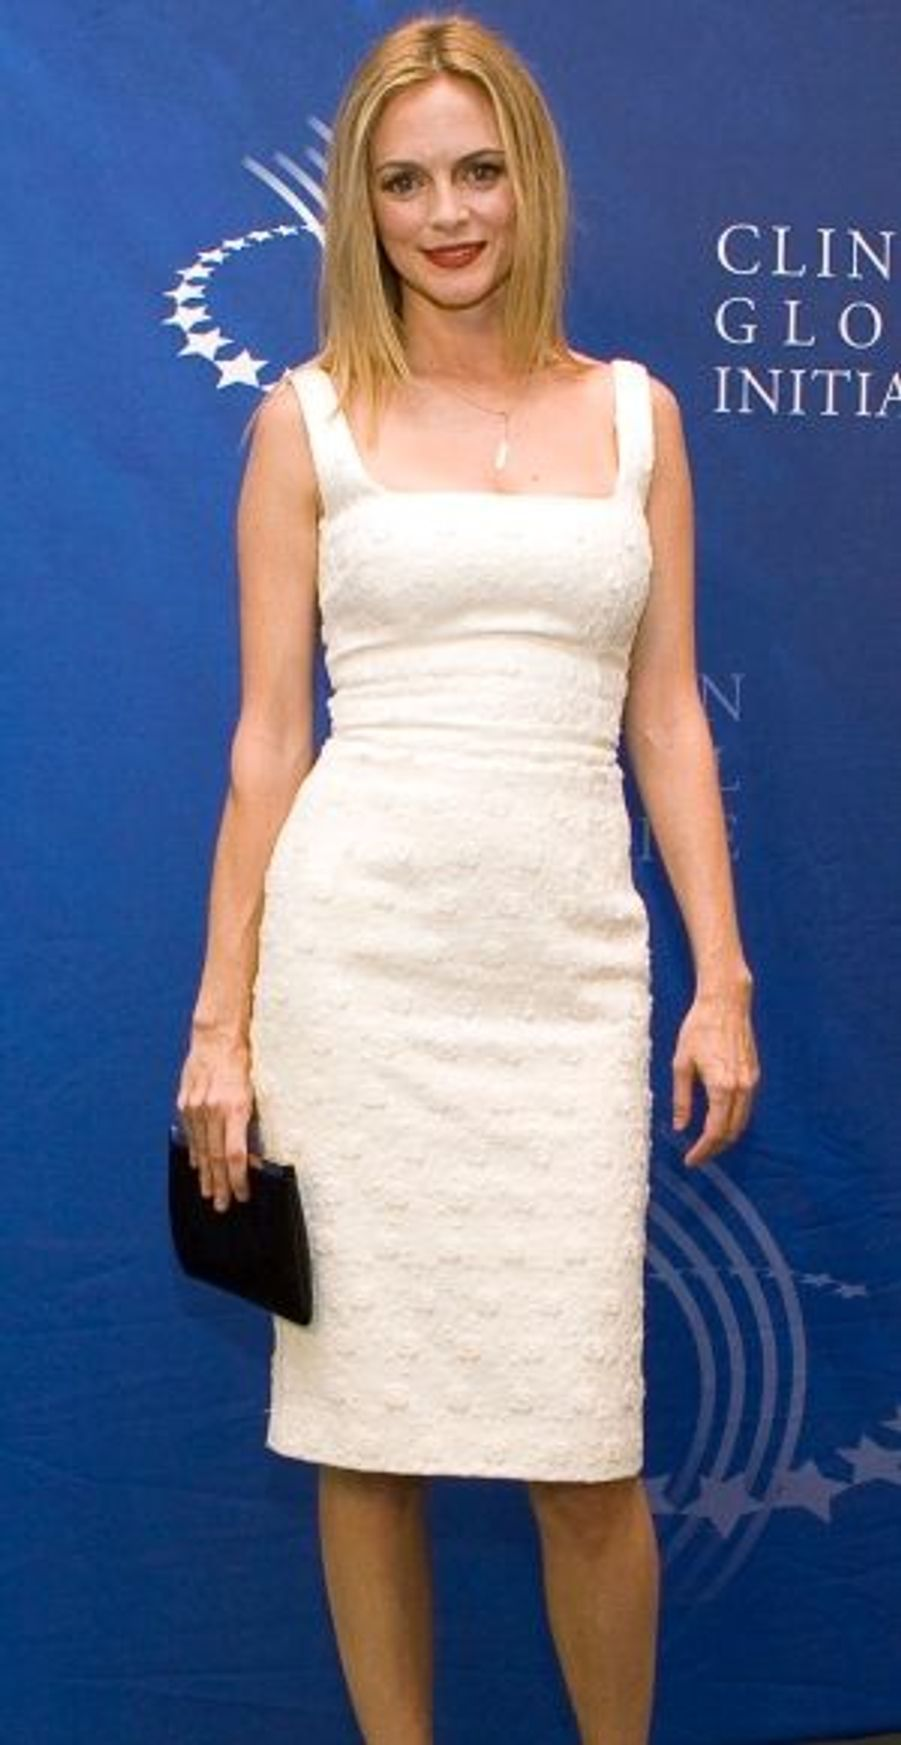 Des personnalités issues du monde de la culture étaient aussi présentes, comme l'actrice Heather Graham (Scrubs, Scream...).